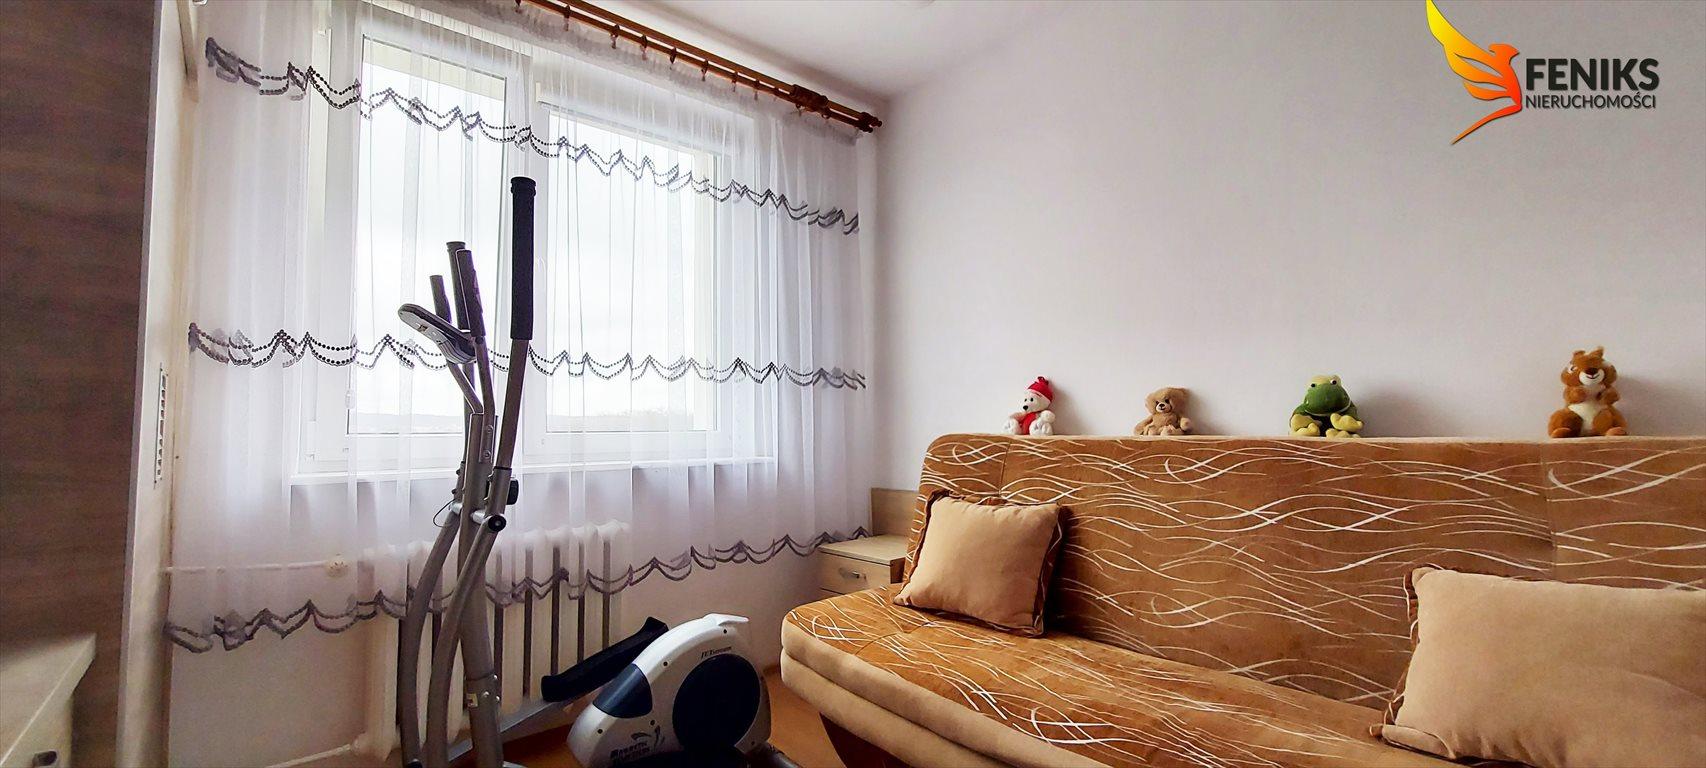 Mieszkanie trzypokojowe na sprzedaż Elbląg, Płk. Dąbka  49m2 Foto 4